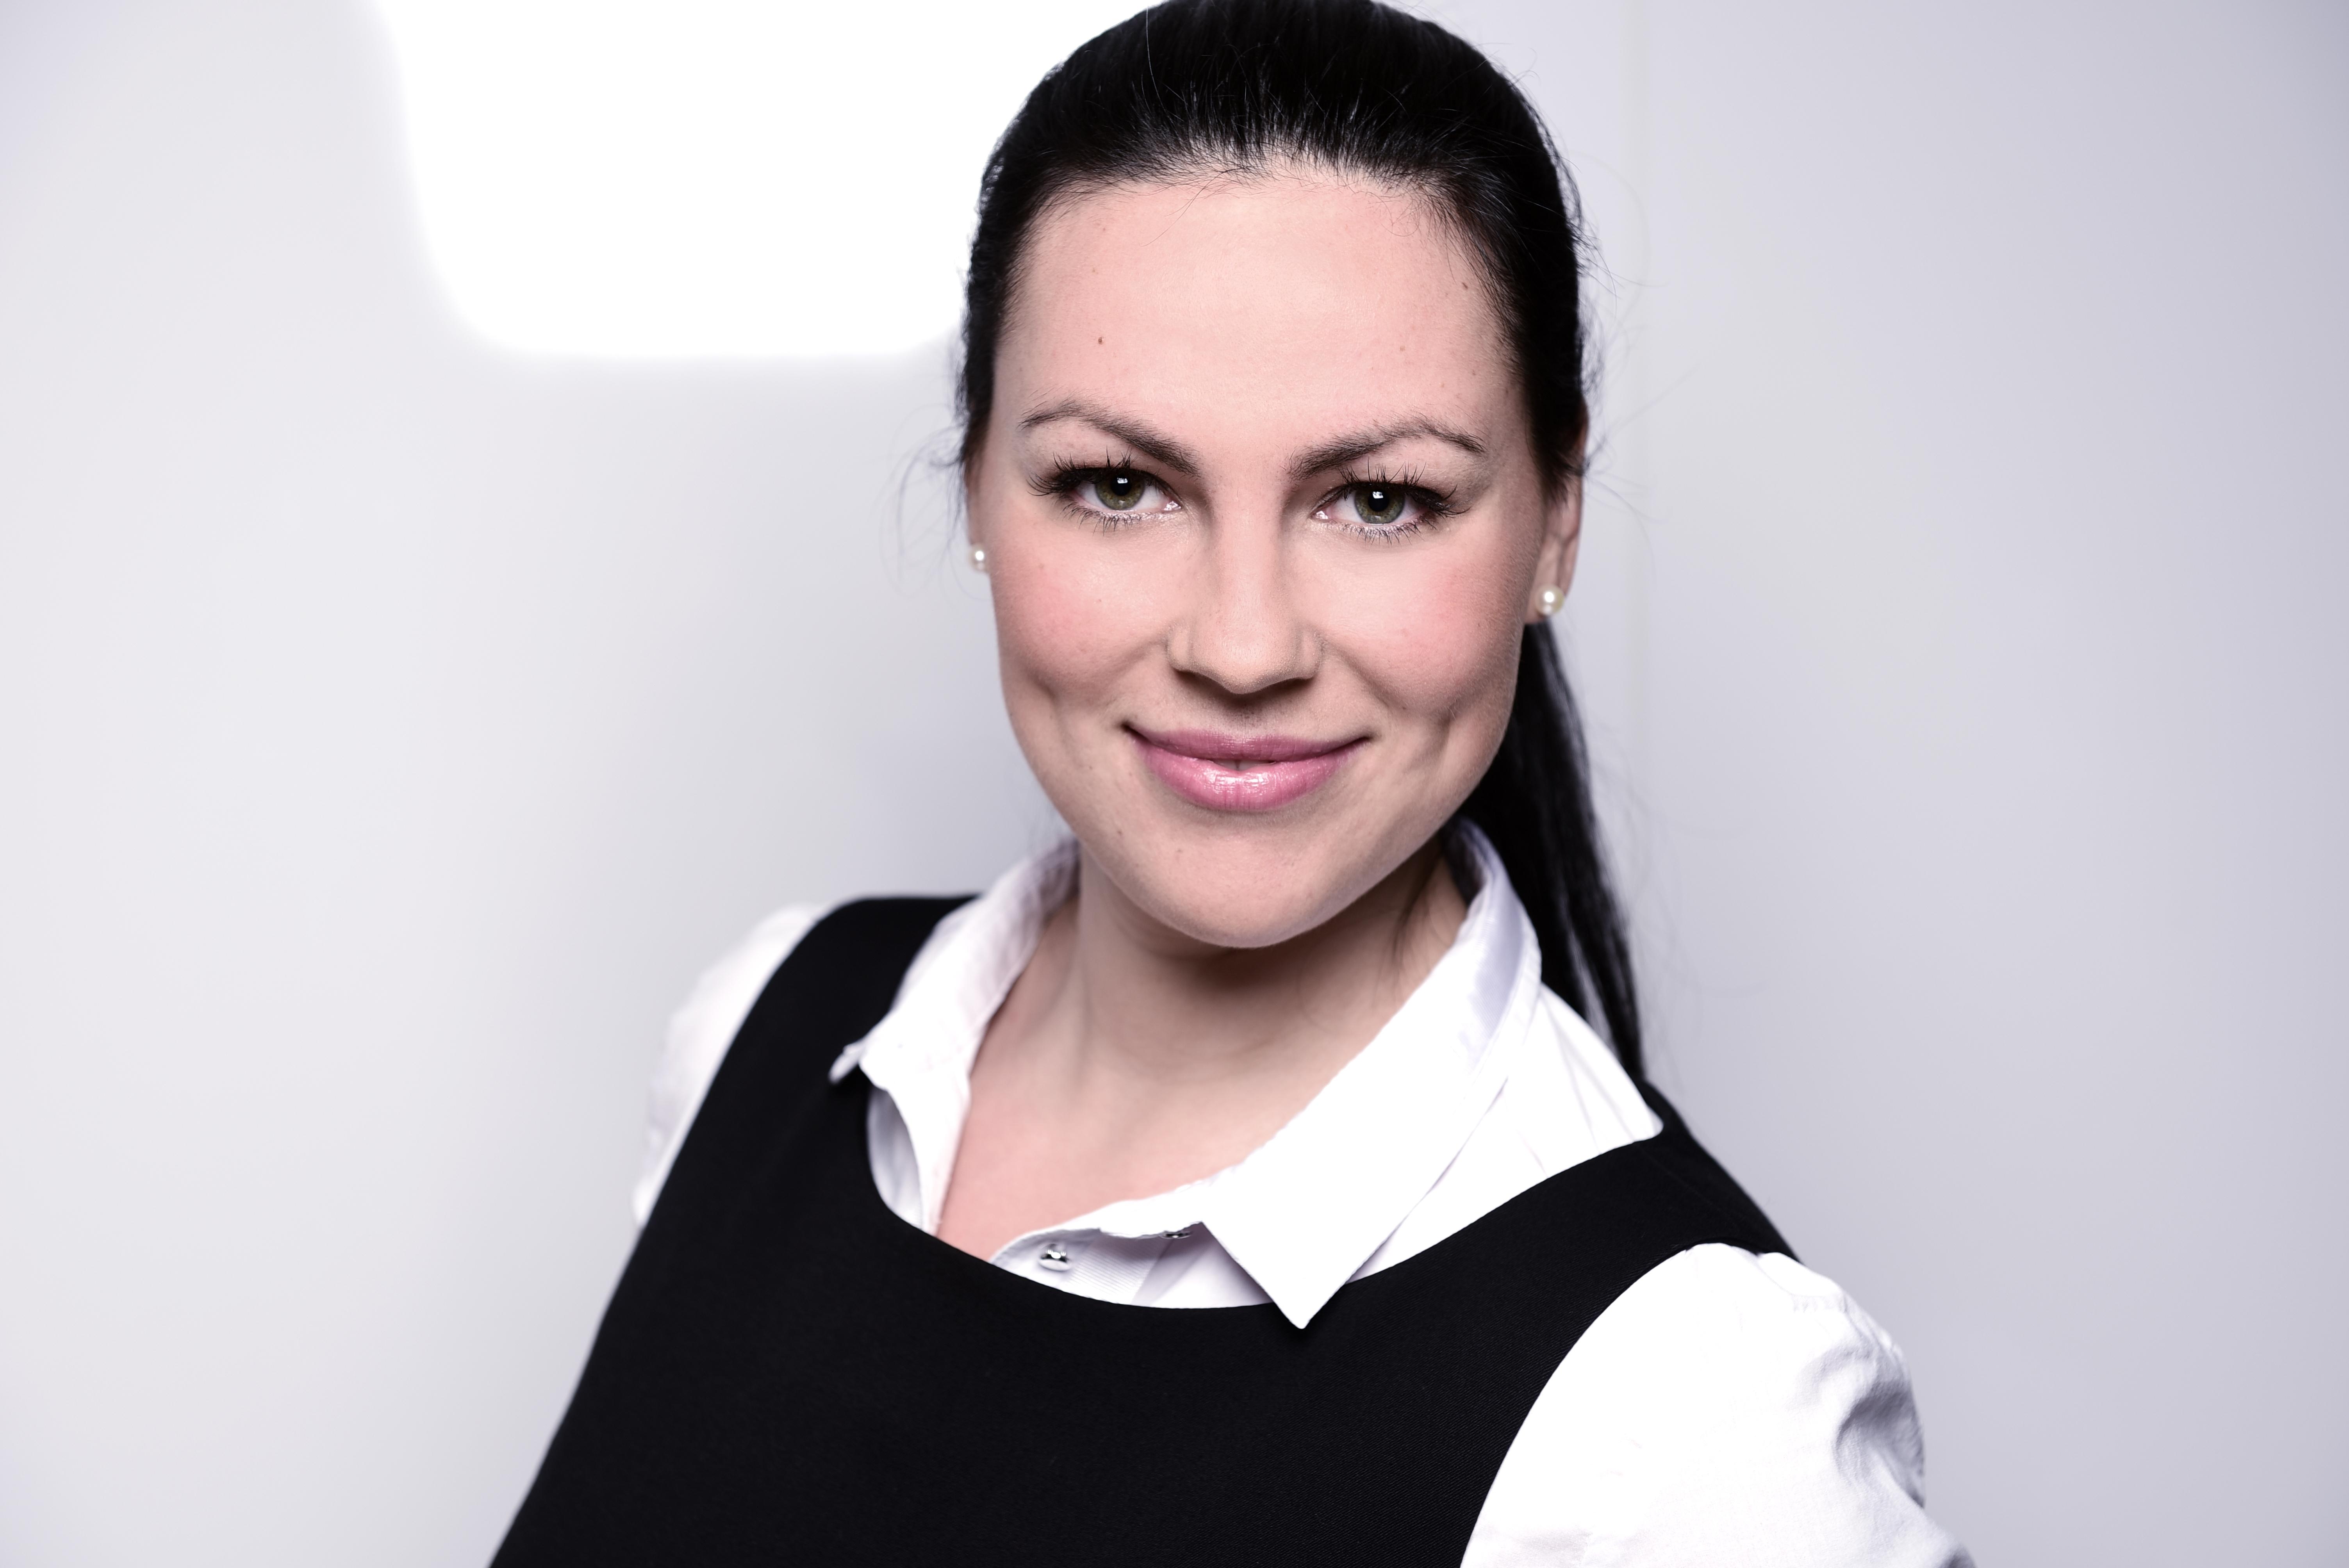 Anastasia  aus M�nchen  Haarfarbe: braun (dunkel), Augenfarbe: gr�n, Gr��e: 175, Deutsch: 0, Englisch: , Franz�sisch: , Spanisch: